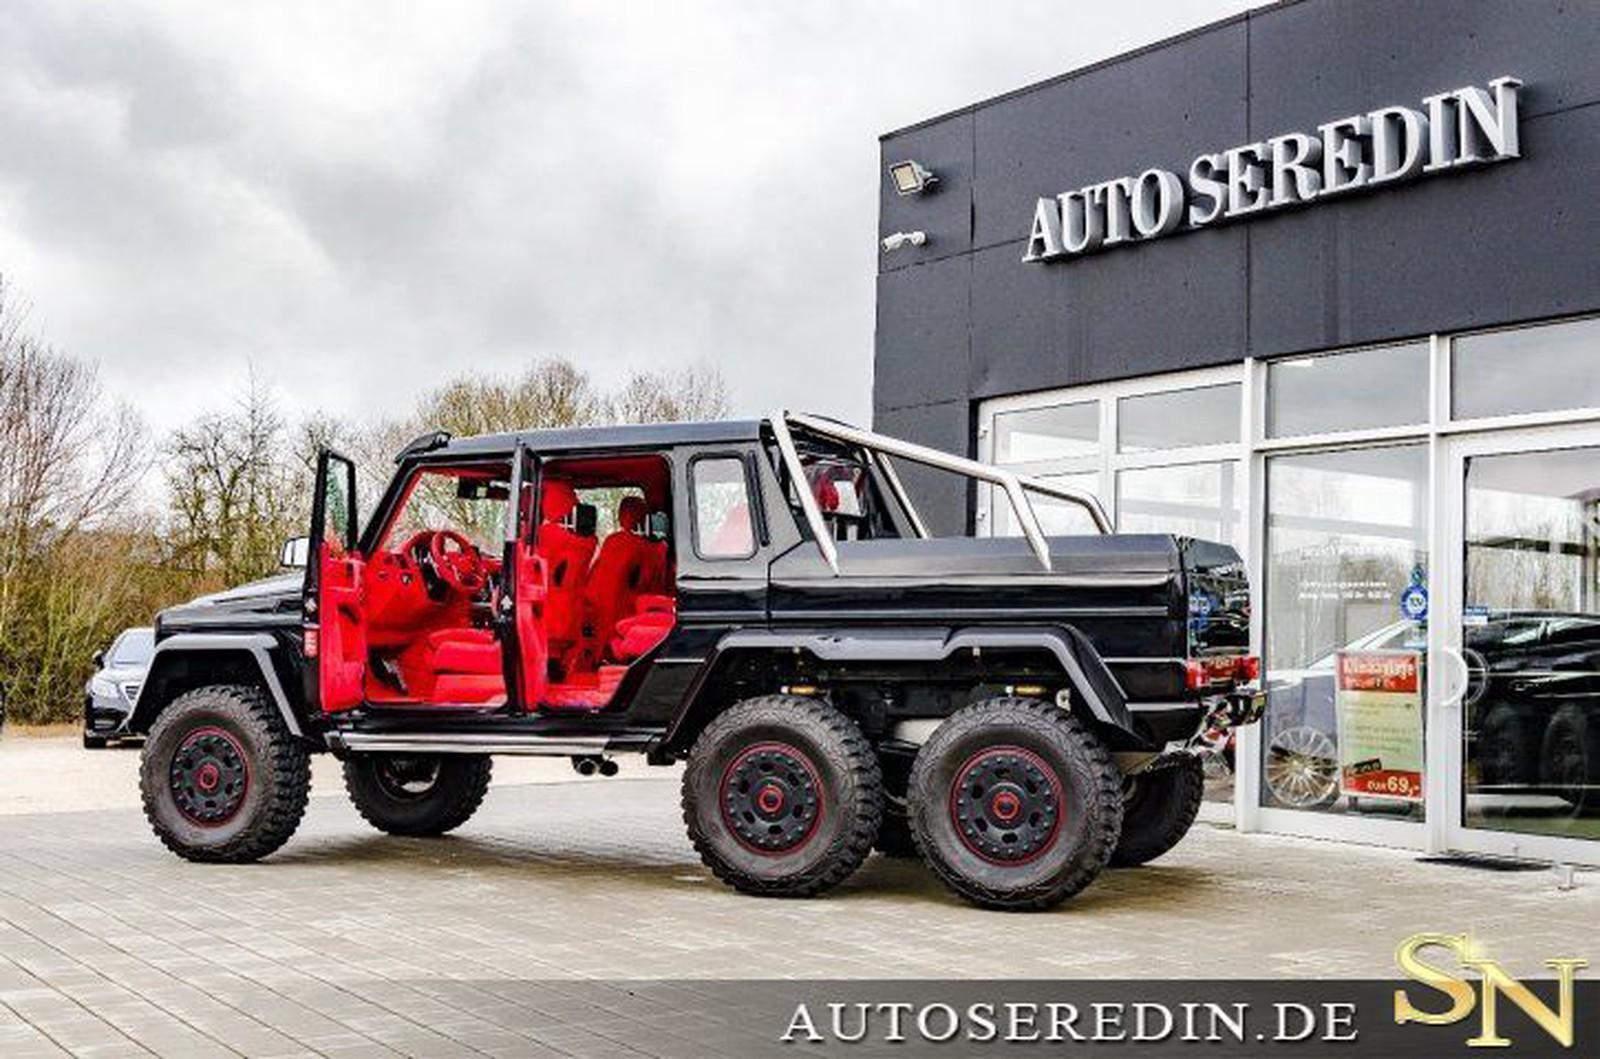 Mercedes Benz G 63 Amg 6x6 Gebraucht Kaufen In Hechingen Bei Stuttgart Preis 1189999 Eur Int Nr 1772 Verkauft